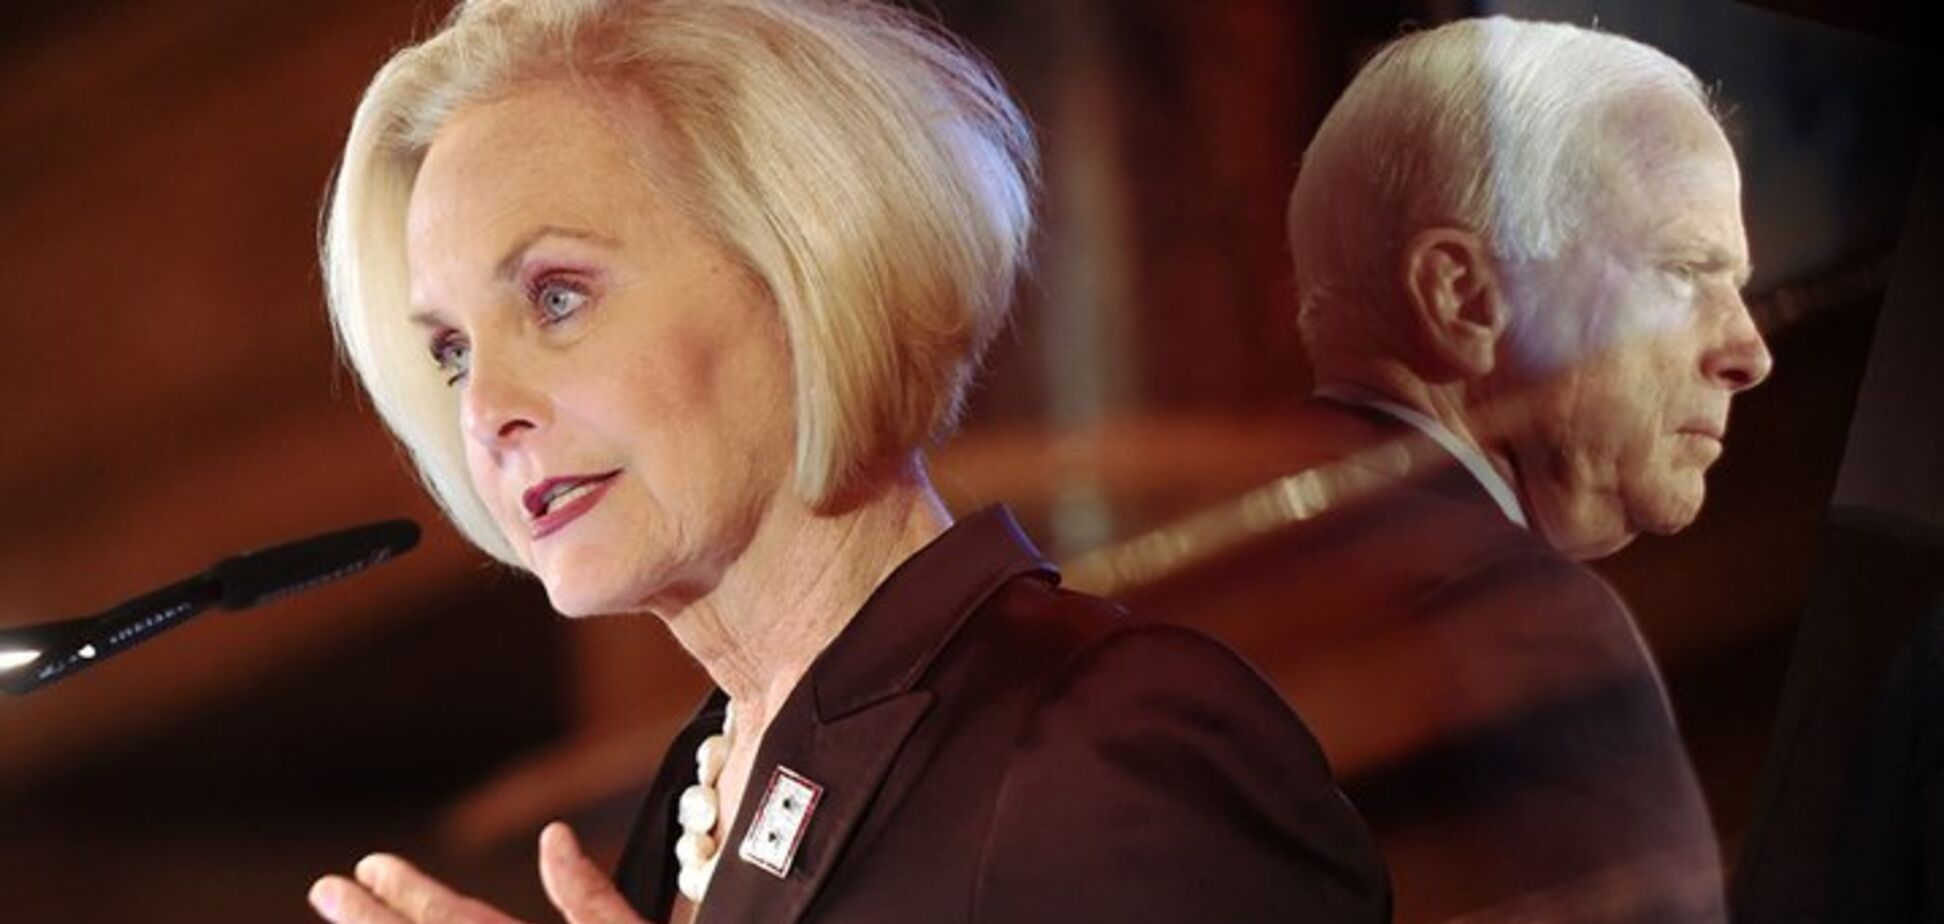 'Я зрозуміла, чому він любив Україну': вдова Маккейна виступила зі зворушливою заявою